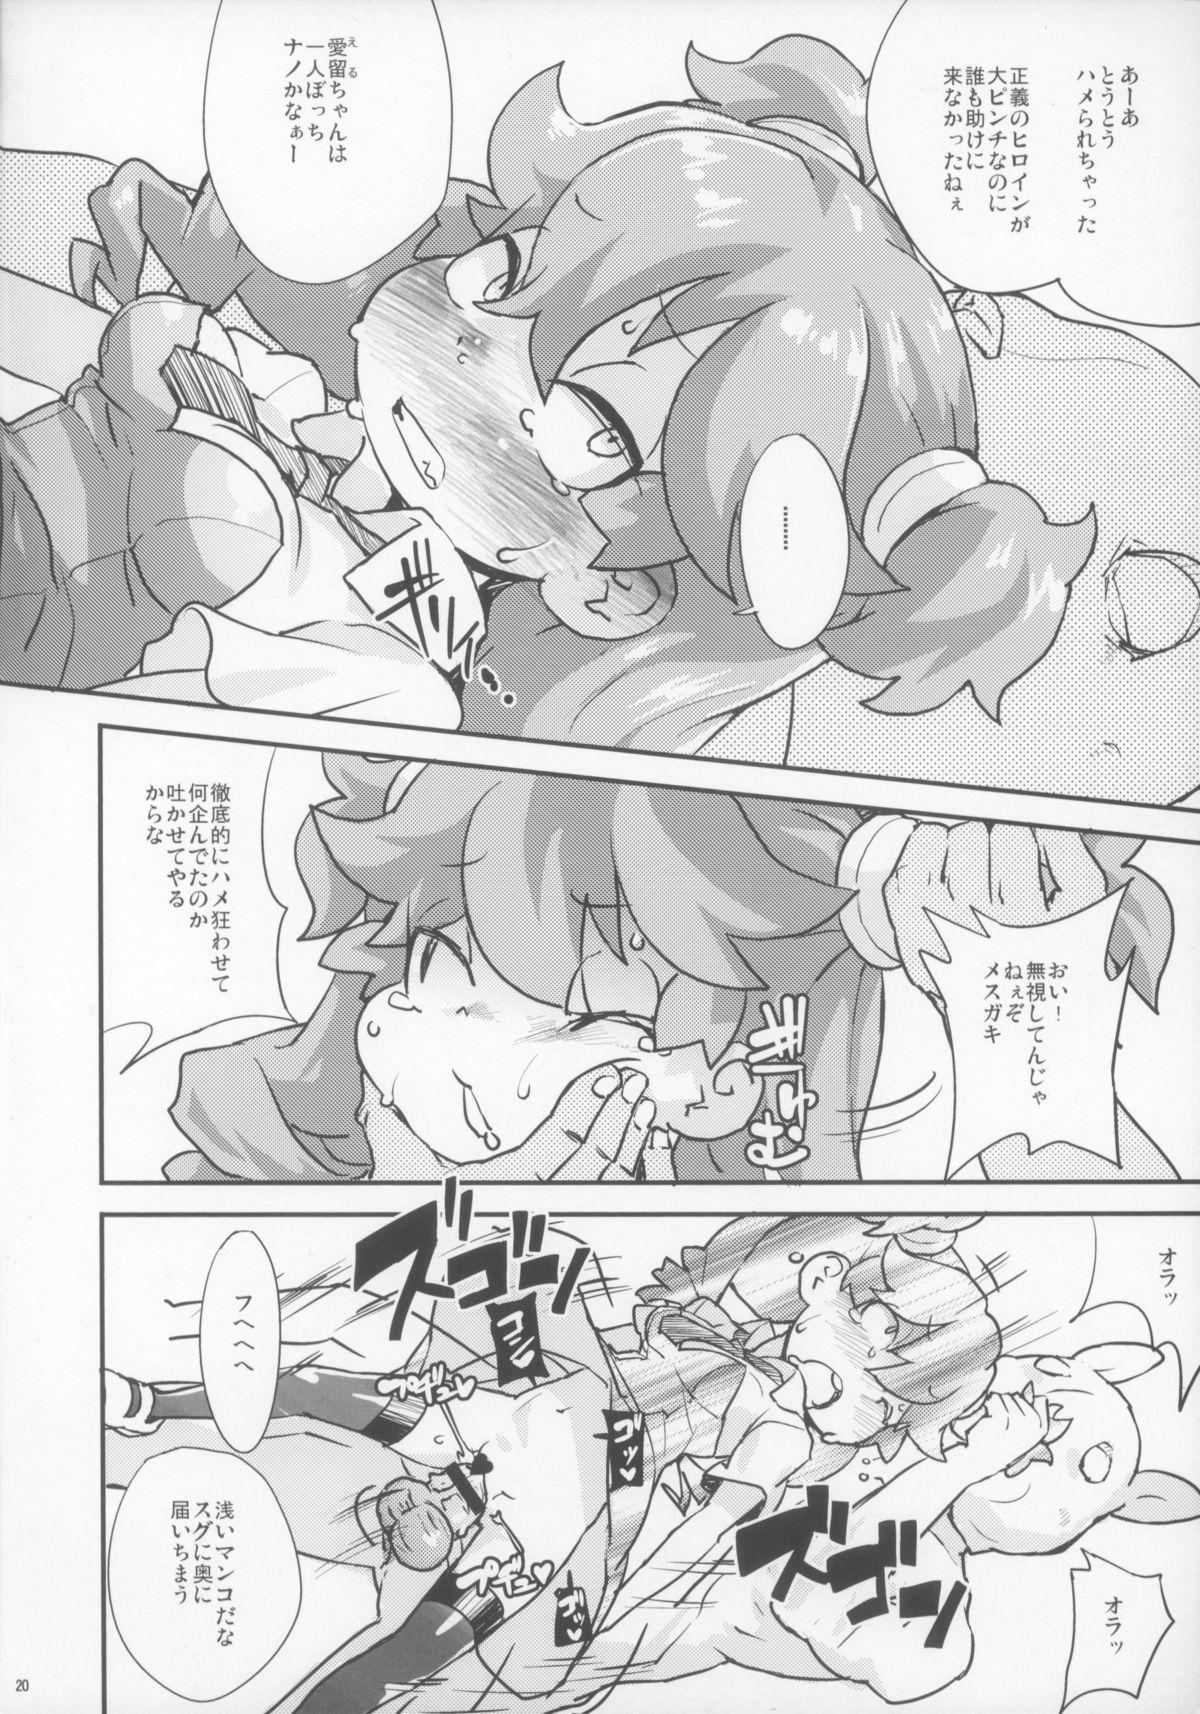 eru-shichi 19